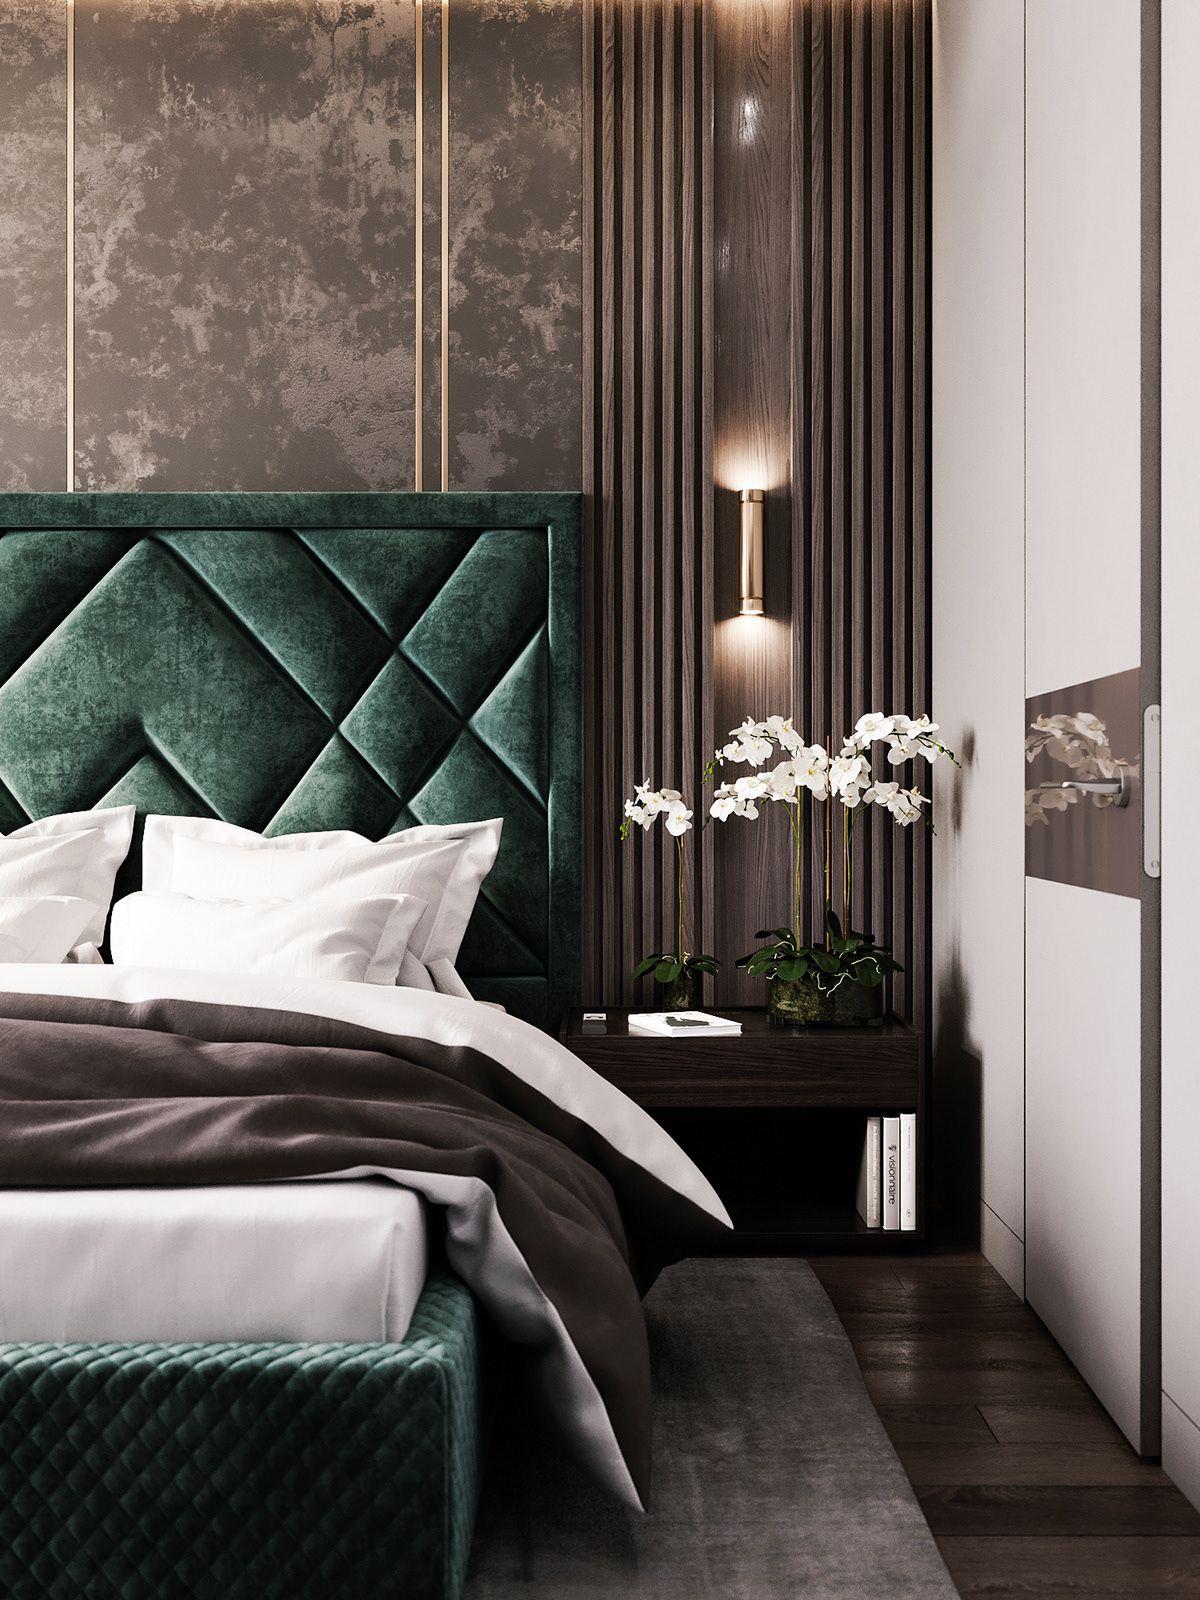 Amazing Bedroom Design Ideas In 2021 Bedroom Interior Design Luxury Modern Bedroom Interior Luxurious Bedrooms Luxury bedroom design 2021